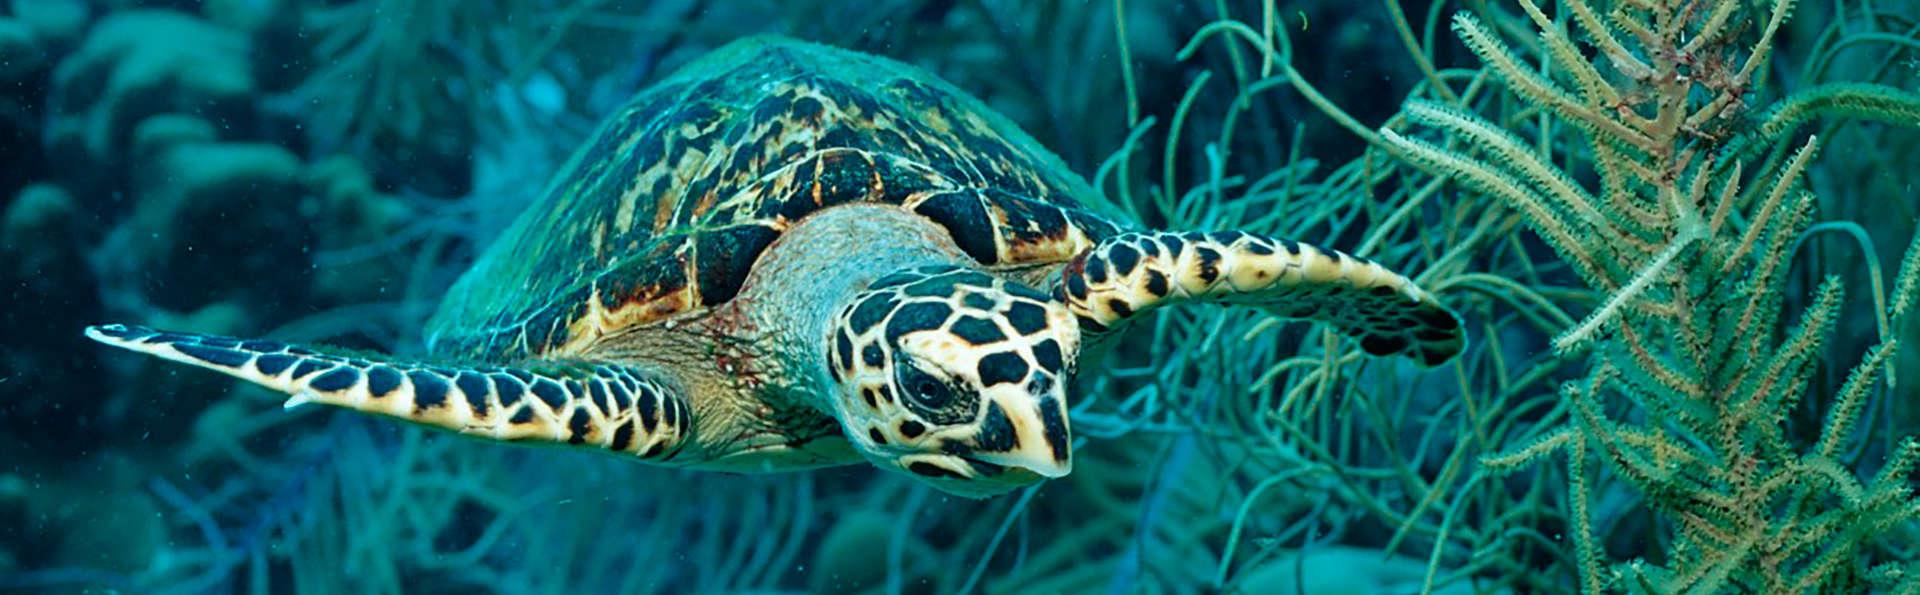 Admirez le monde sous-marin de Sea Life